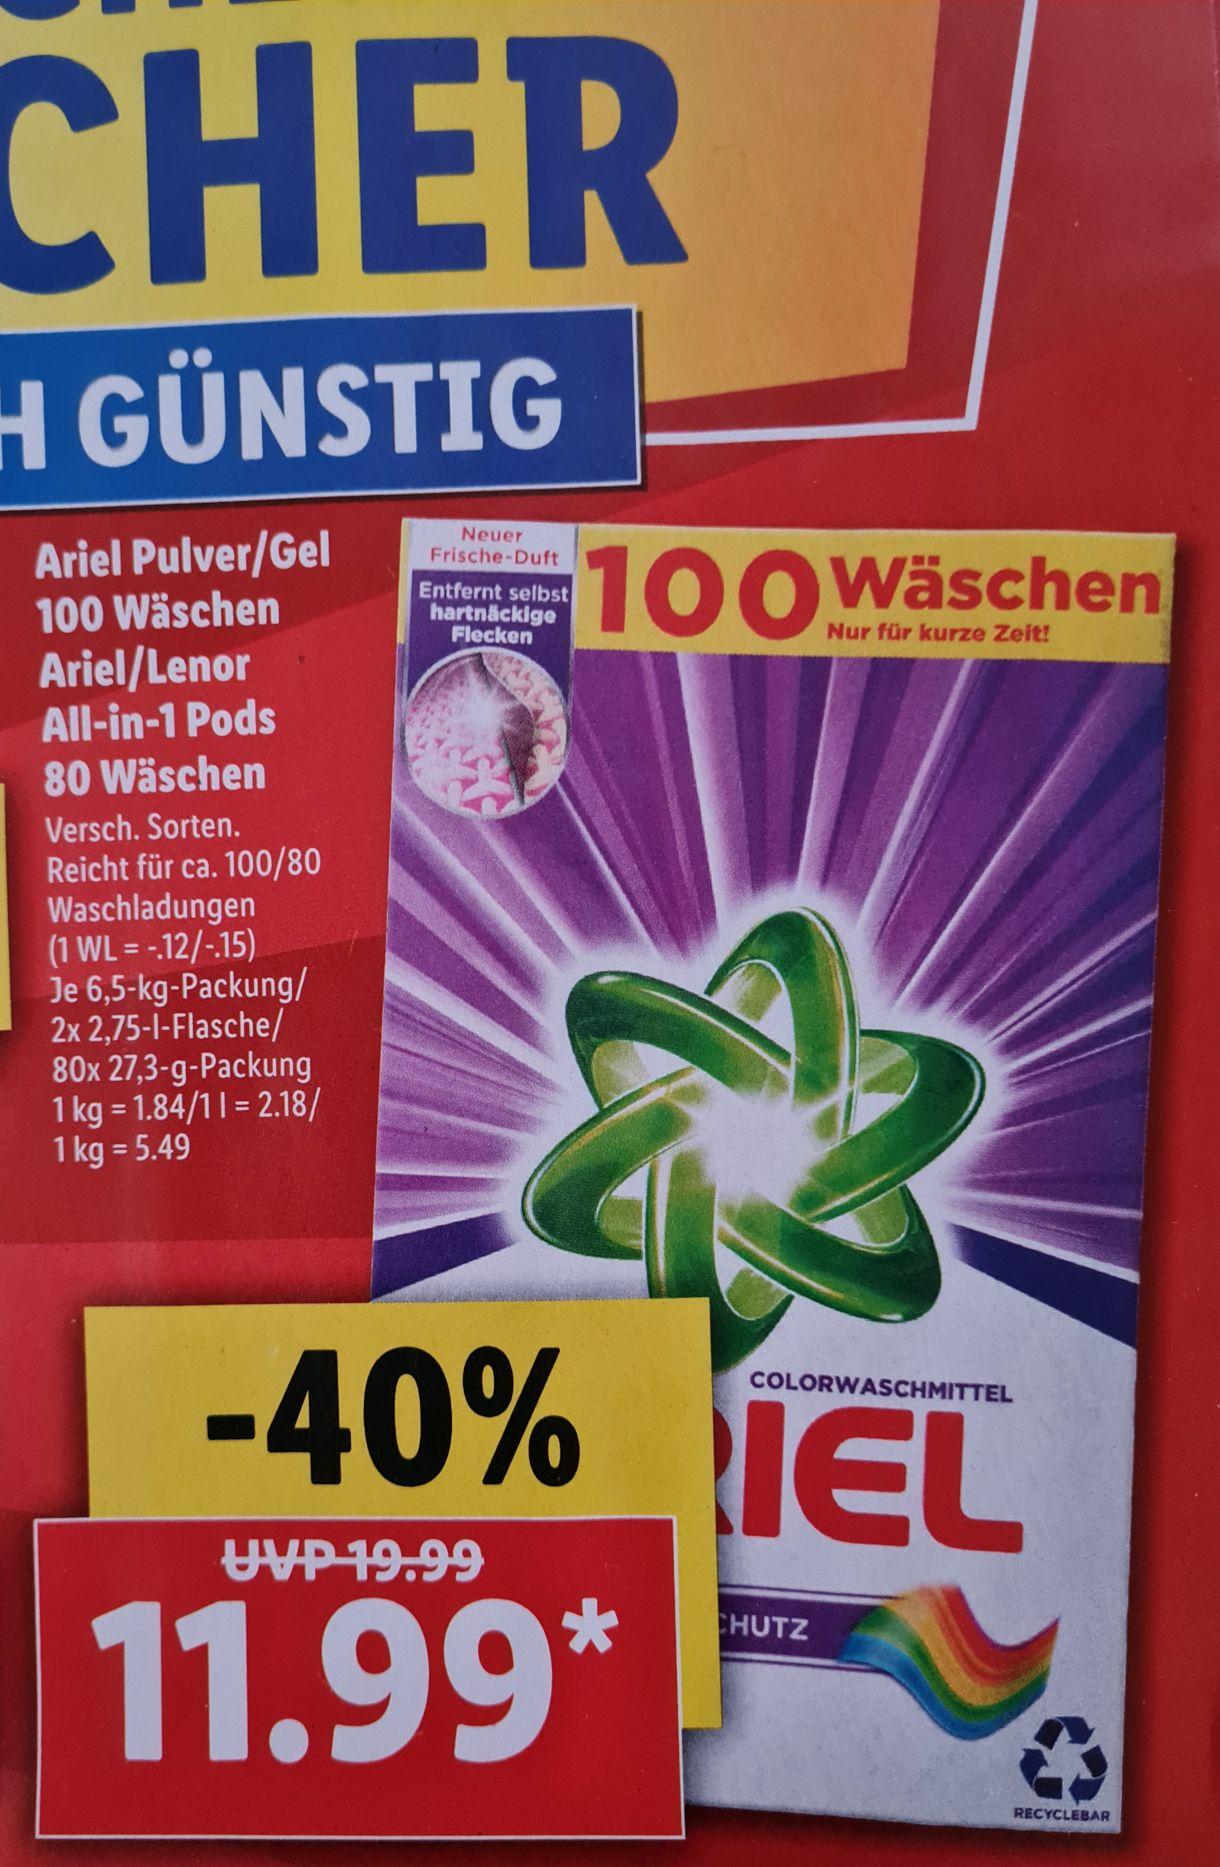 Ariel Pulver/Gel 100 Wäschen Ariel/Lenor All-in-1 Pods 80 Wäschen für 11,99€ im LIDL ab 01.02